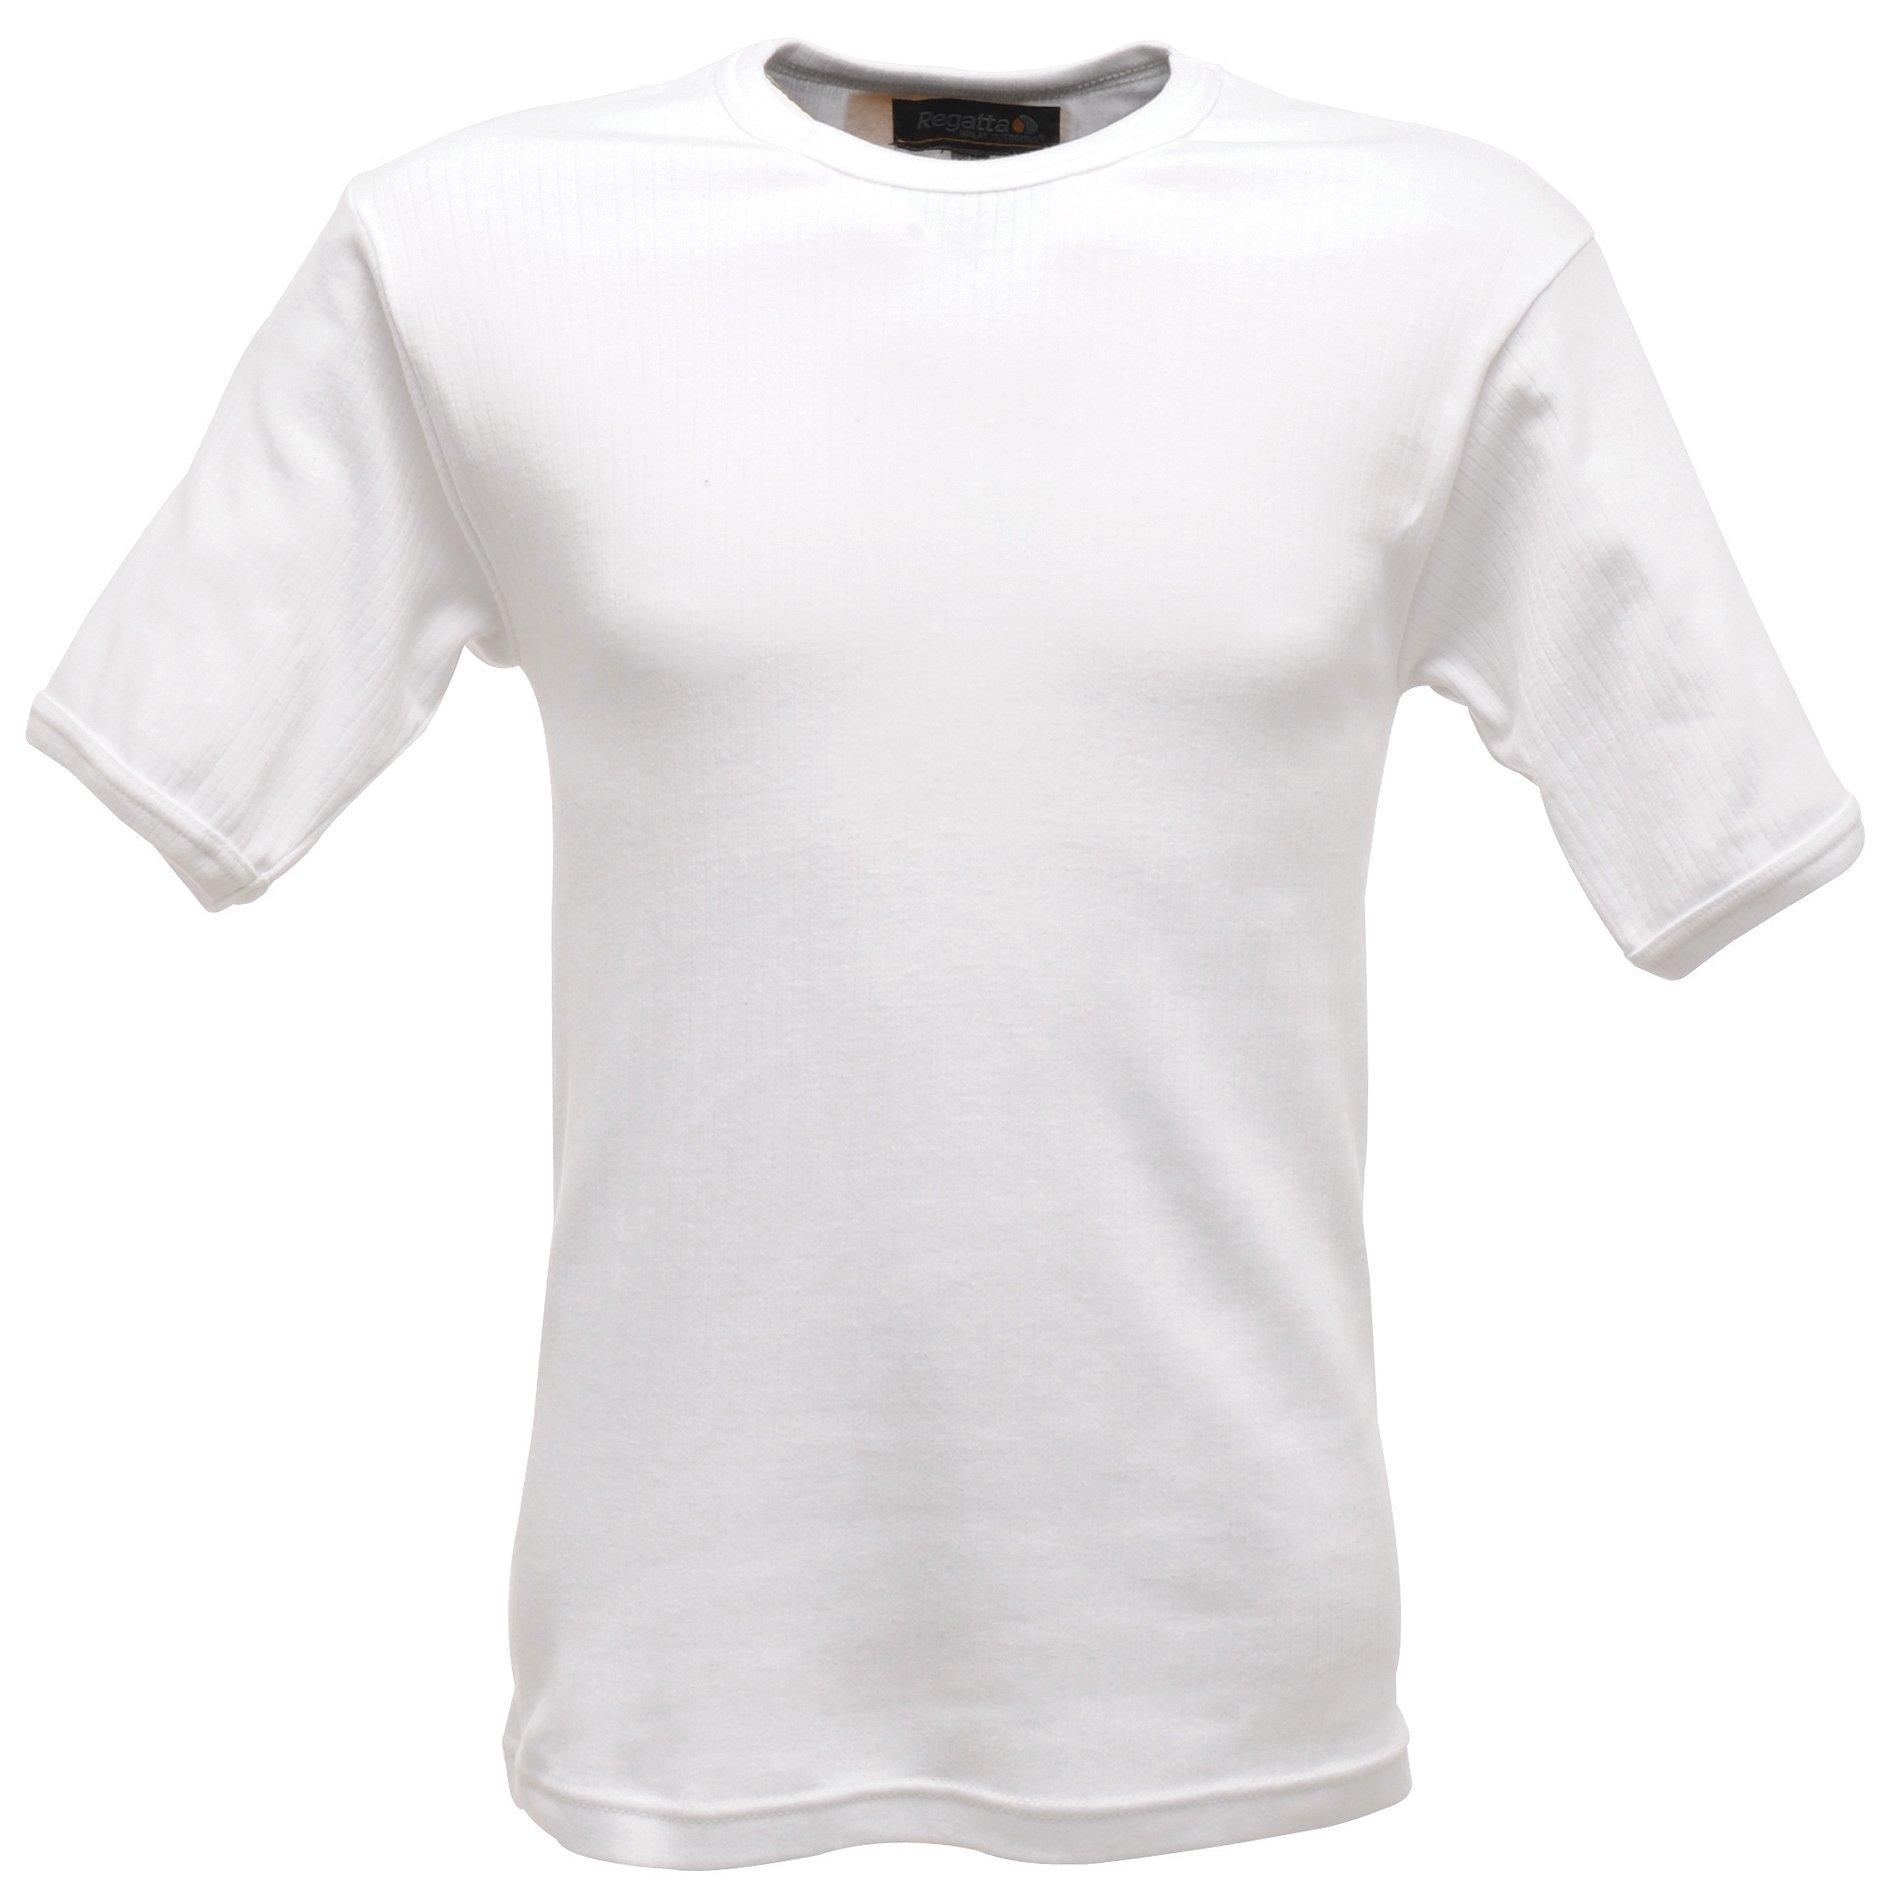 Regatta Mens Thermal Underwear Short Sleeve Vest / T-Shirt (M) (White) by Regatta